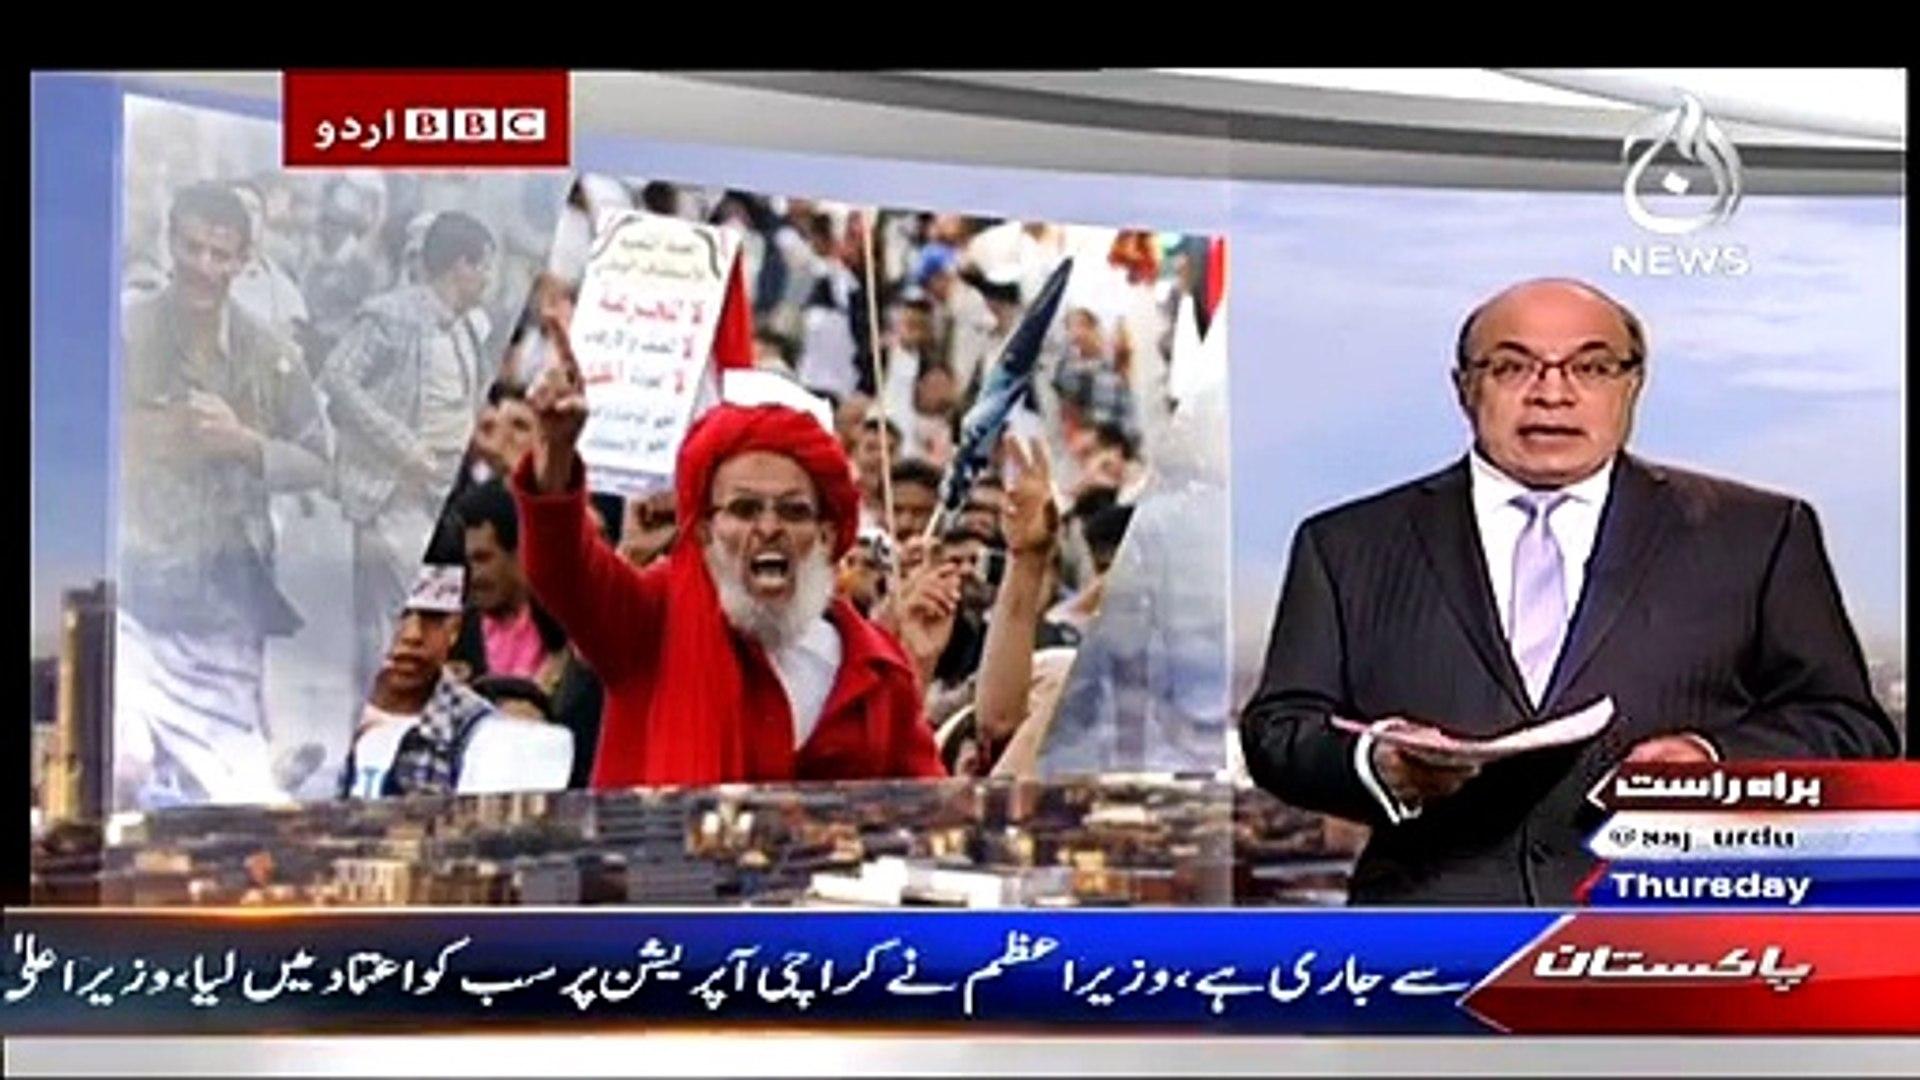 Bbc Urdu Sairbeen On Aaj News ~ 26th March 2015 - Live Pak News